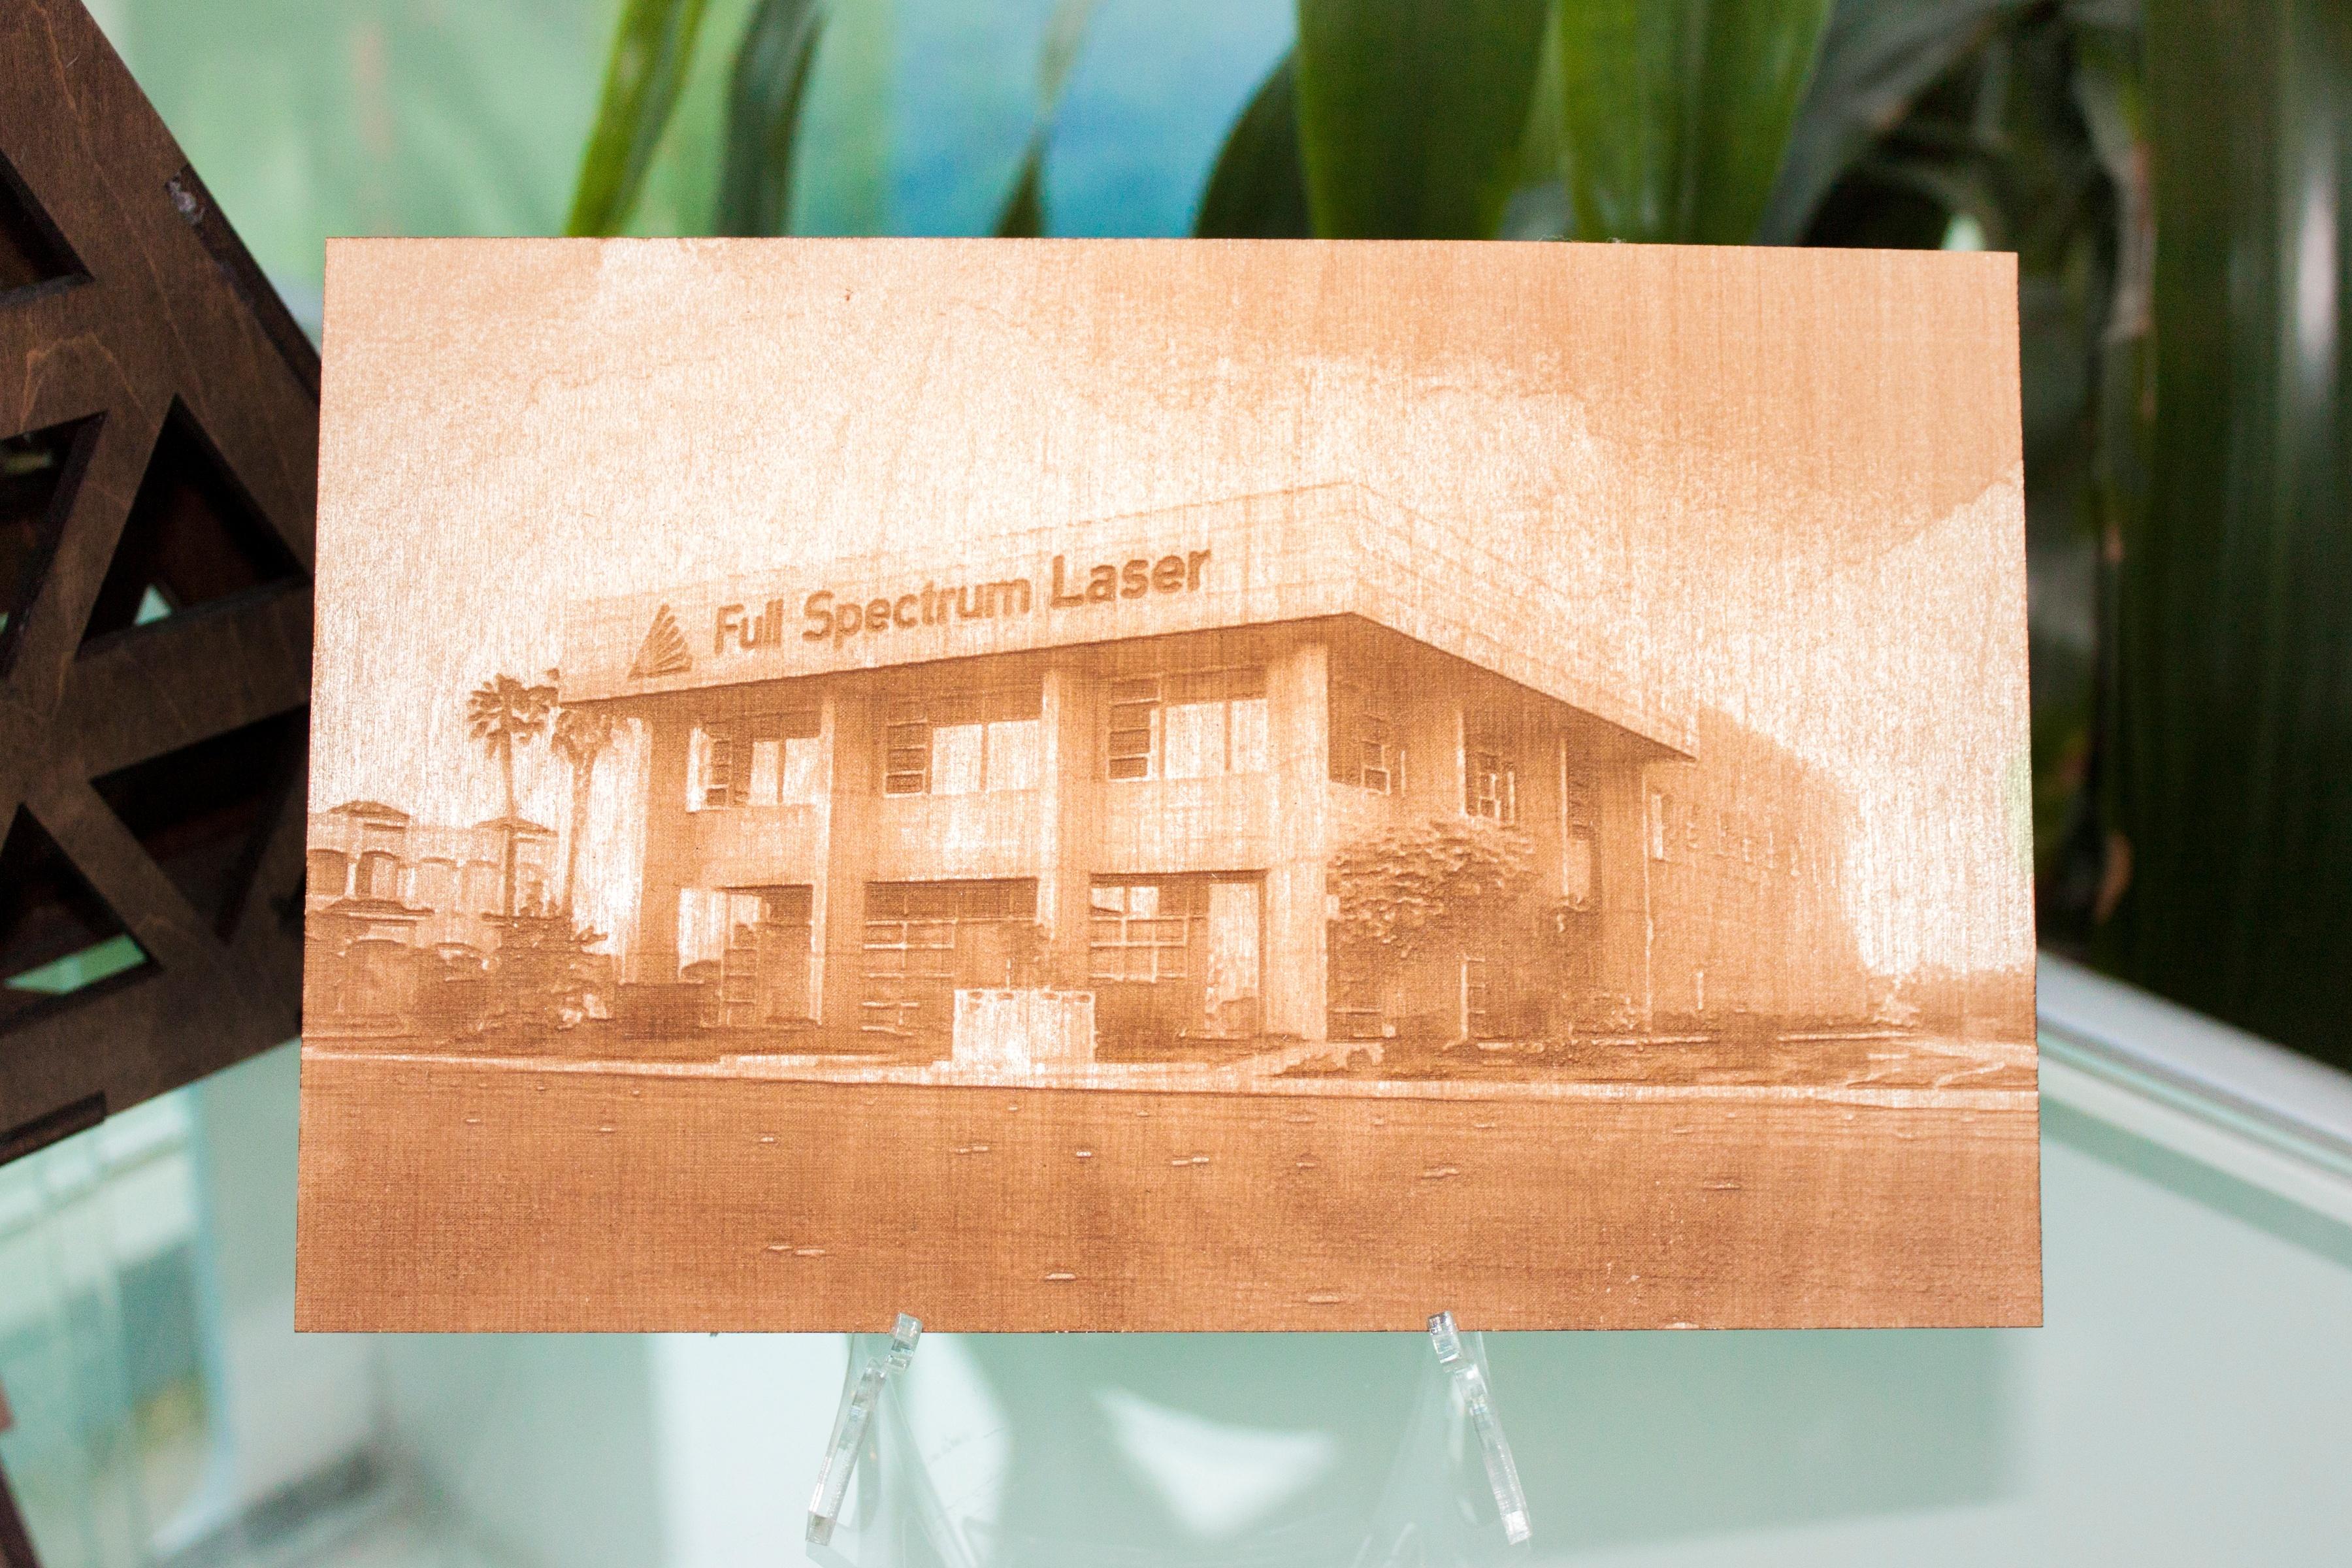 Full Spectrum Laser 101 Raster Engraving